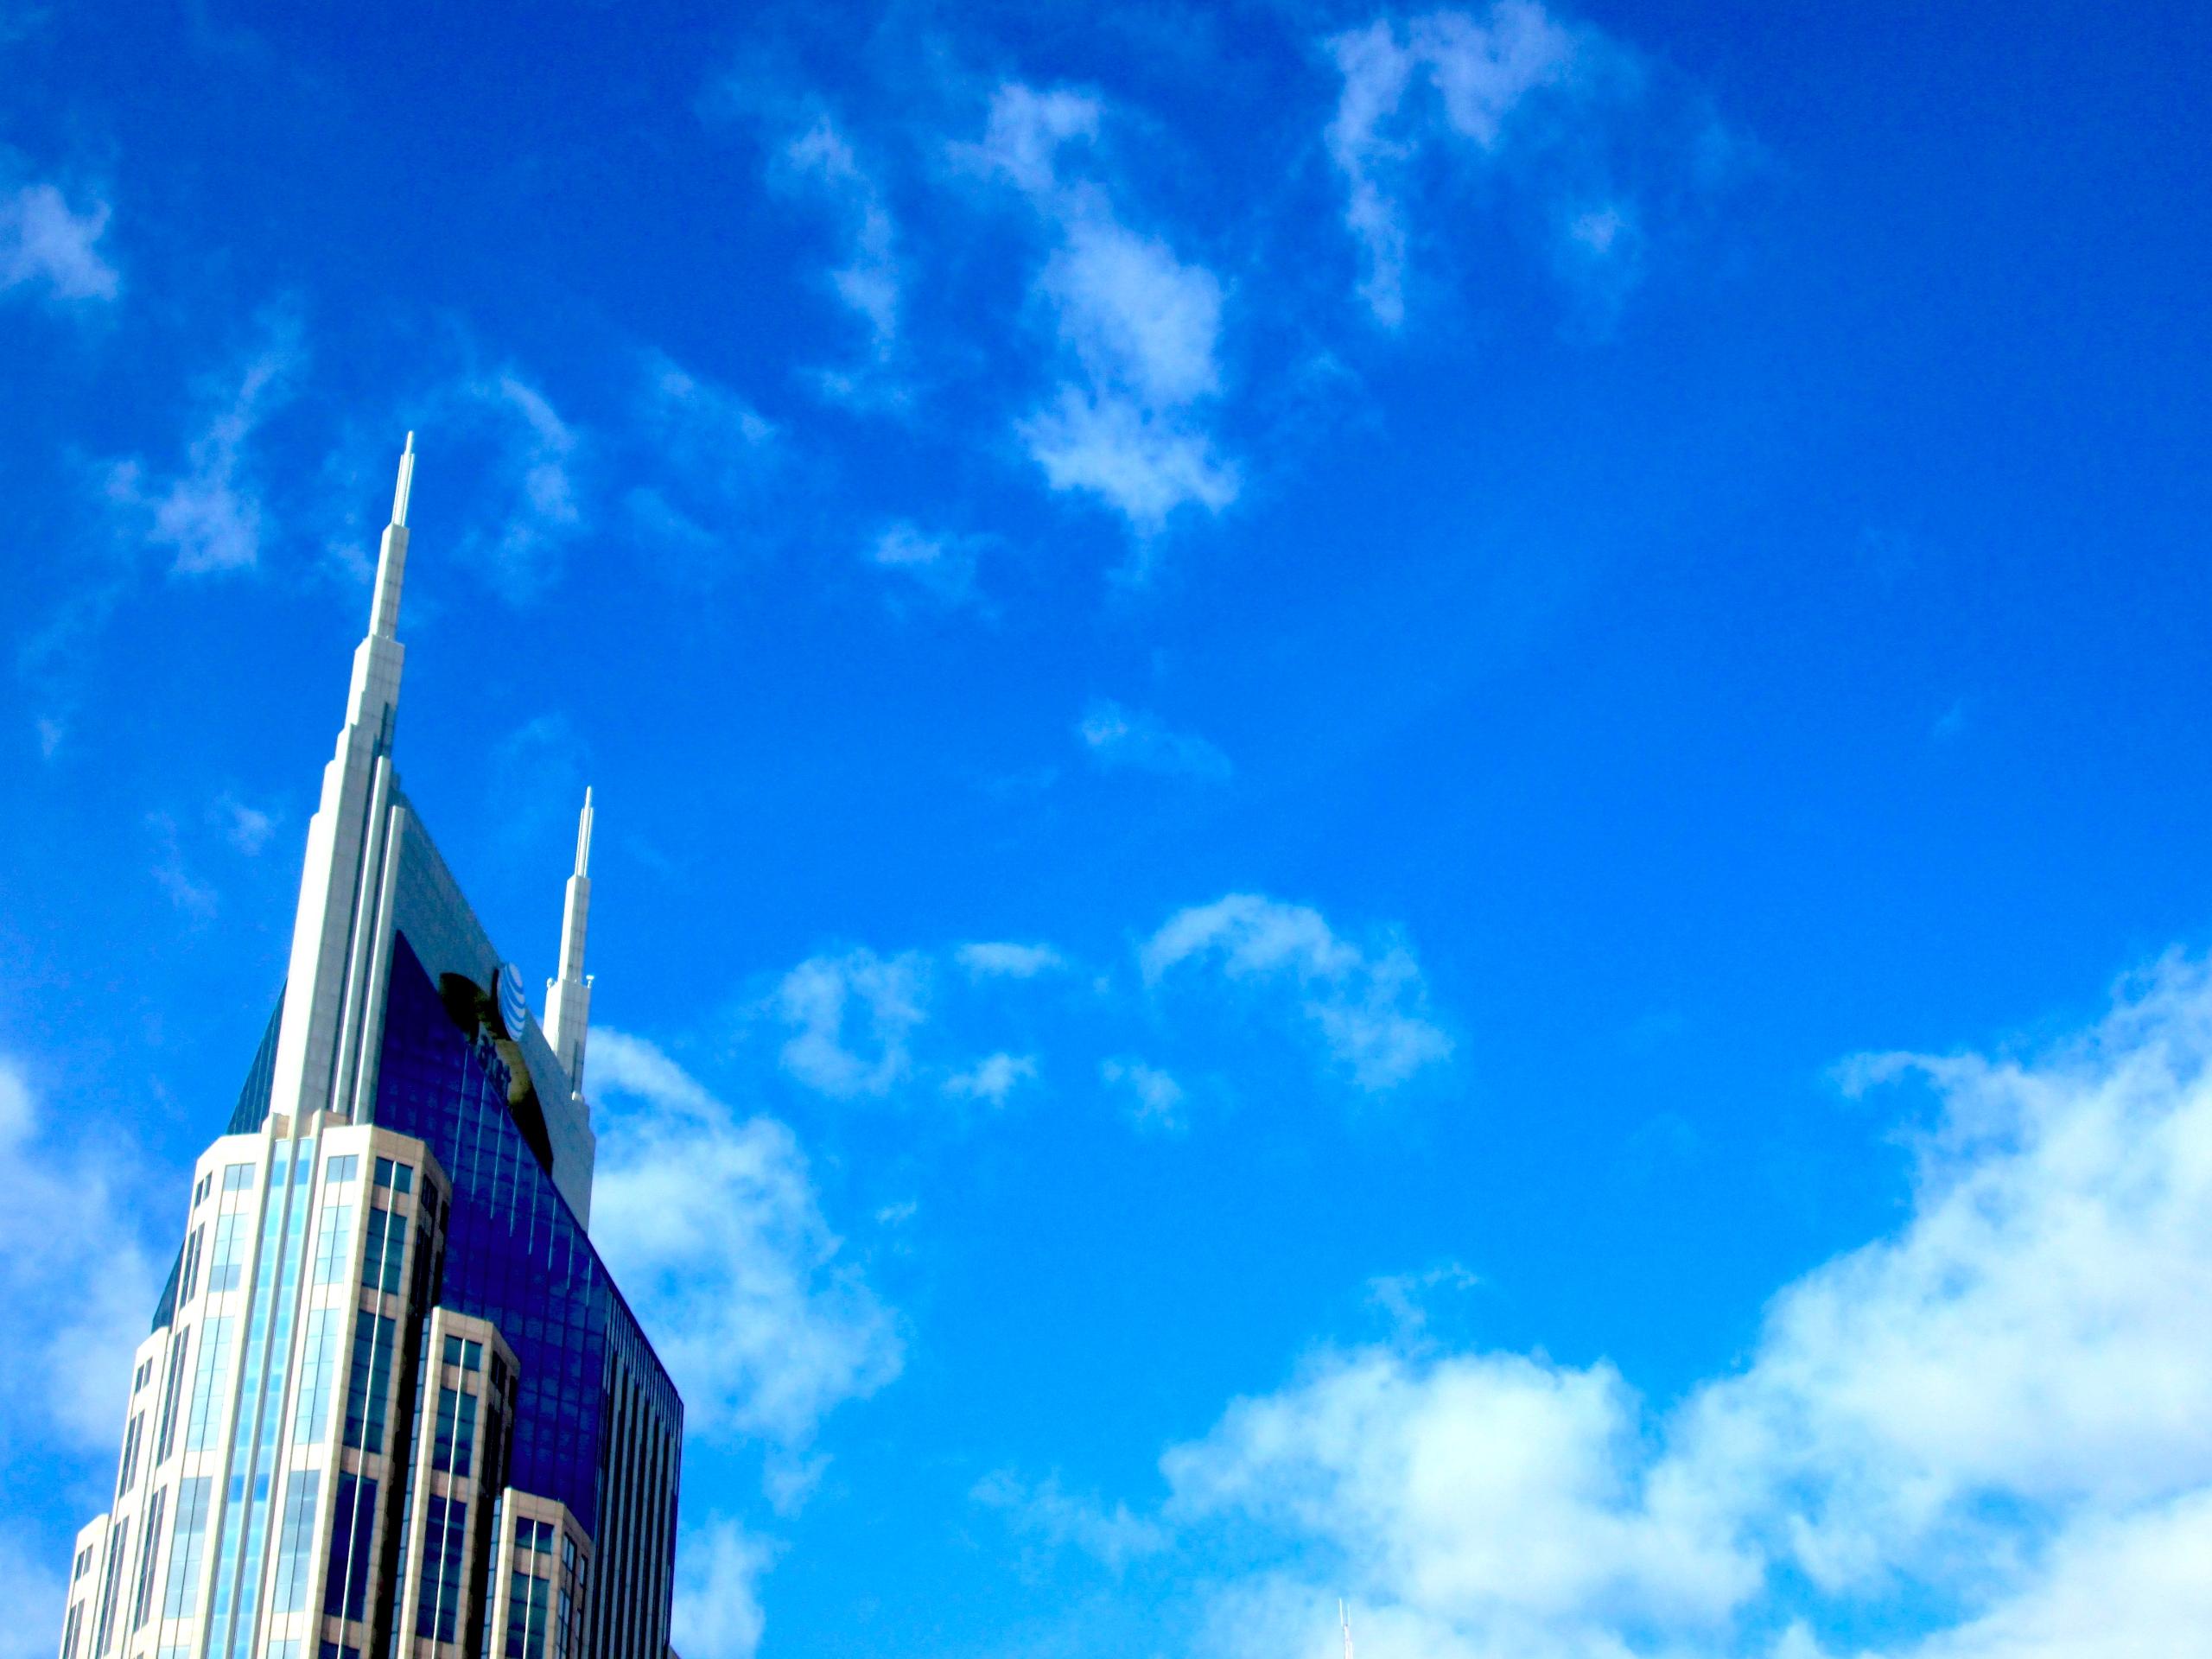 Tower, Nashville, TN; January 2 - peterjacobmartin | ello